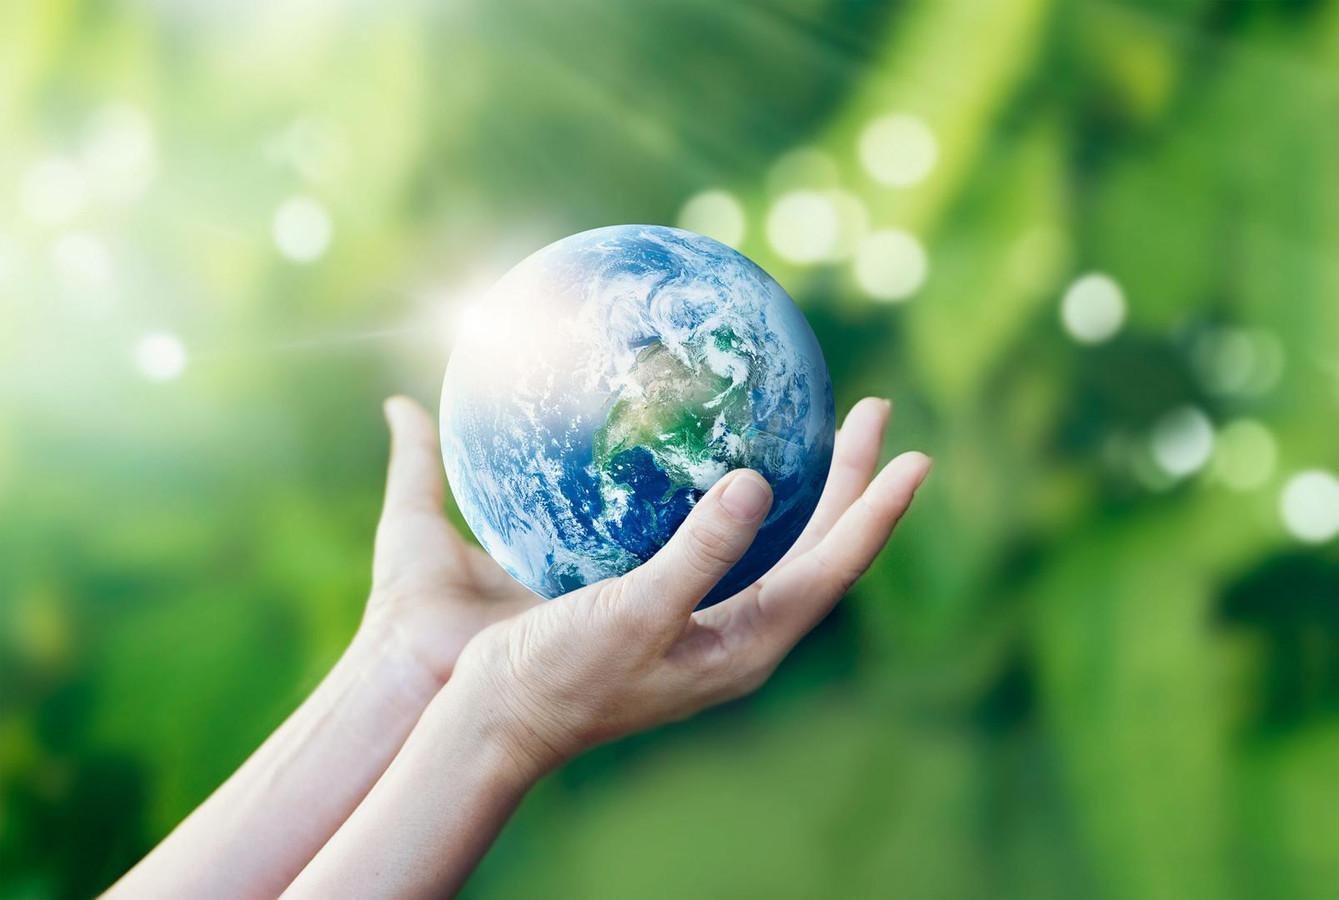 Calculé par le Global Footprint Network, ce jour marque la date symbolique à laquelle les humains ont consommé toutes les ressources naturelles que la Terre peut produire en un an.